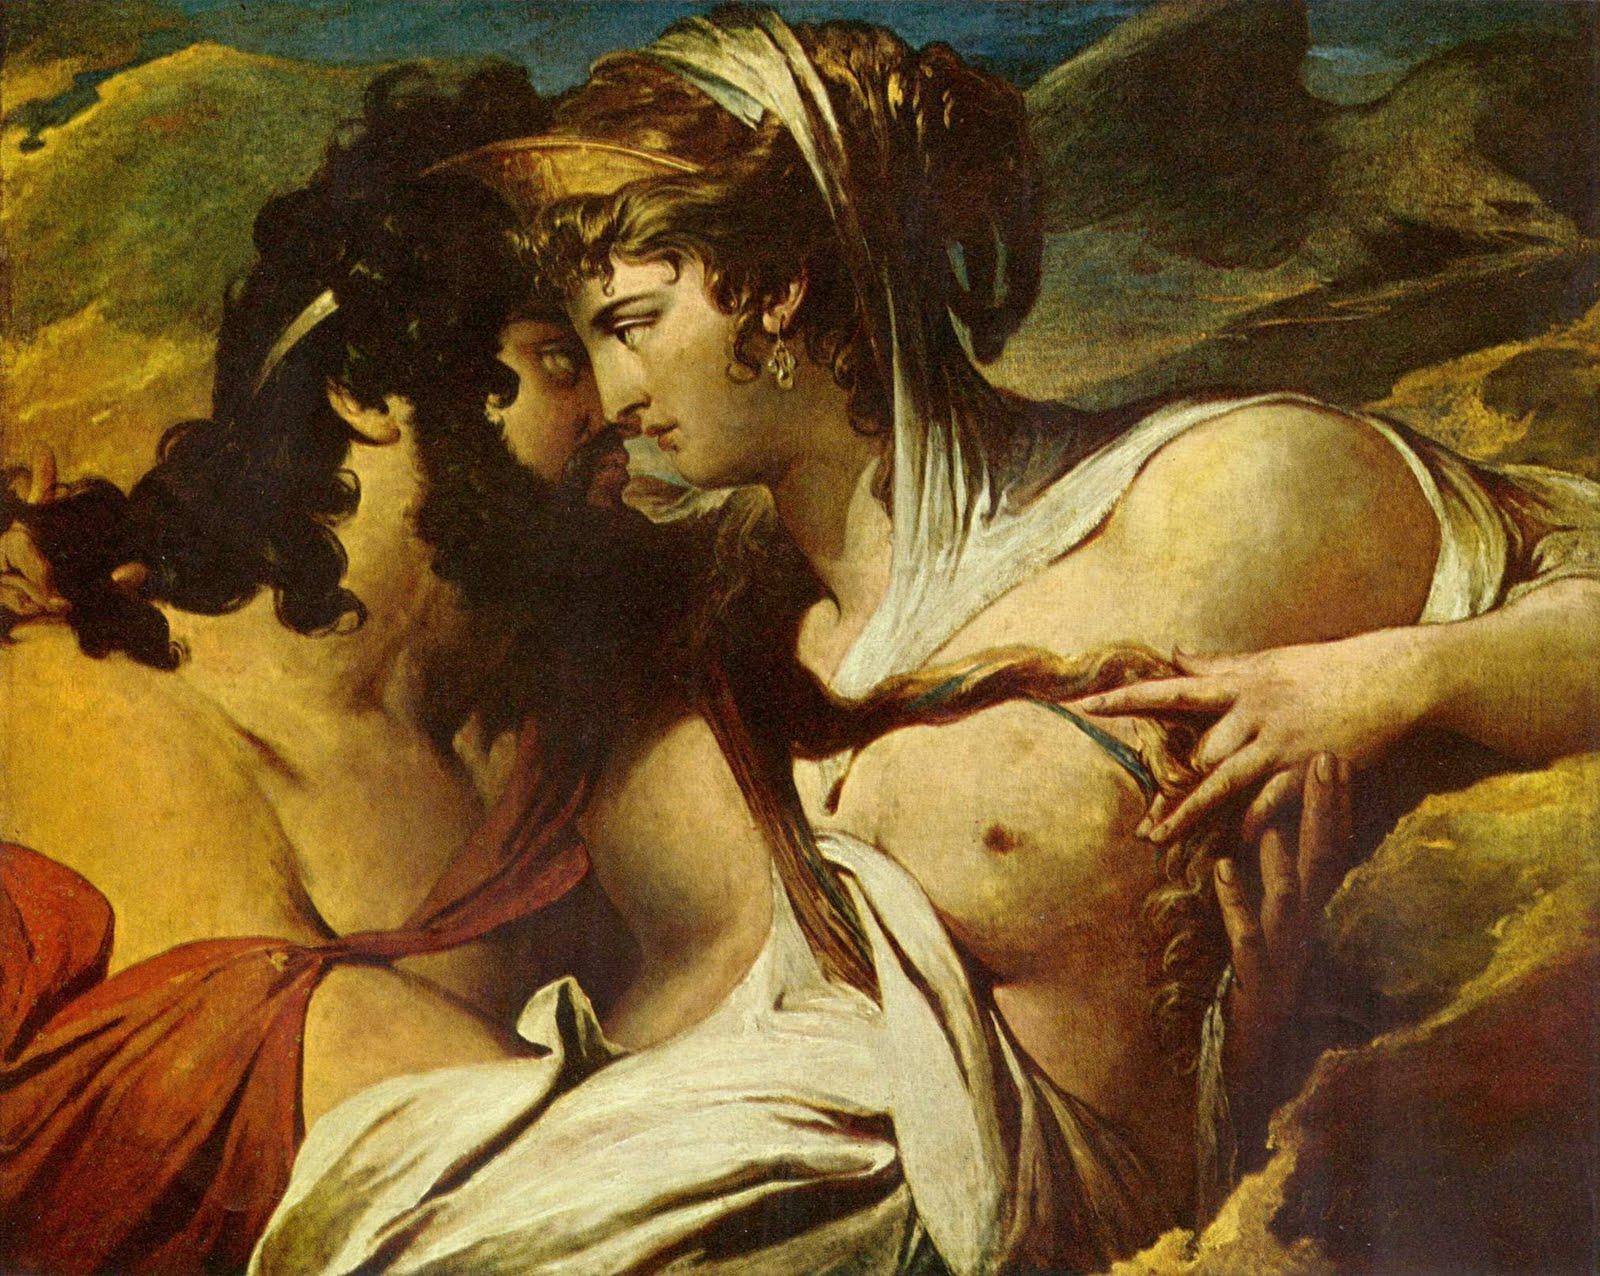 Jupiter y Juno, James Barry, 1790-99